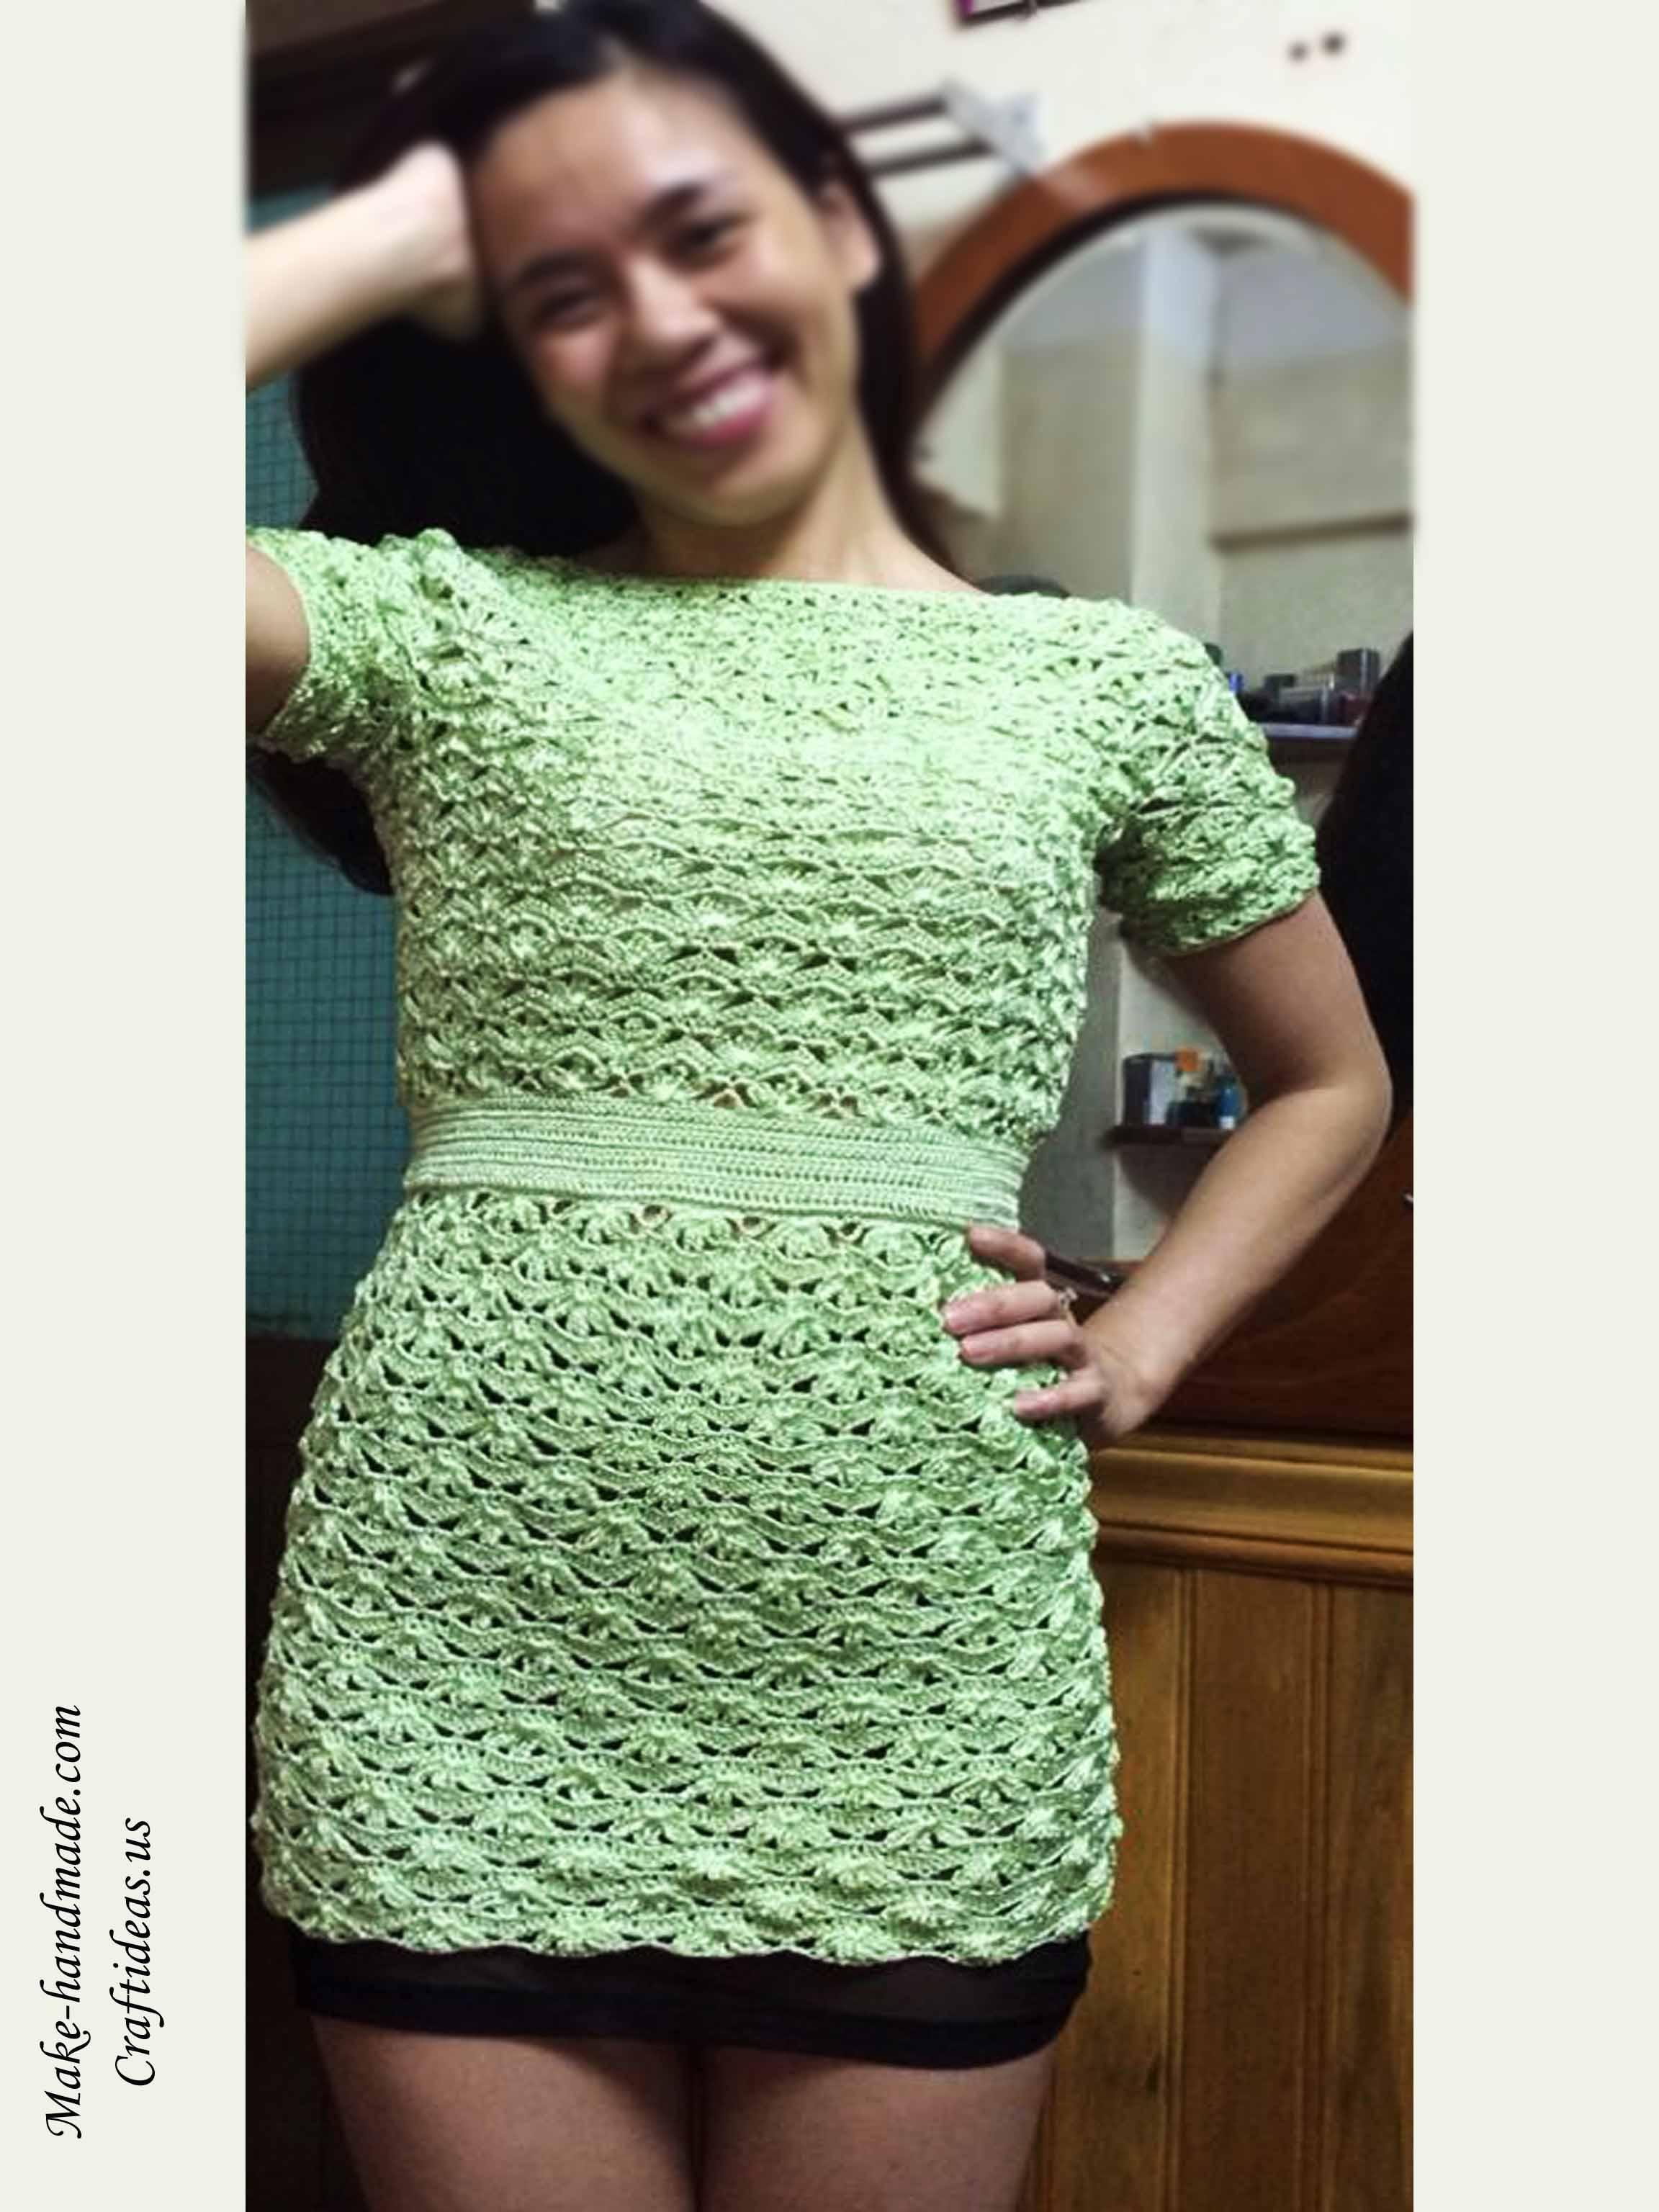 Crochet beauty summer dress for women - Craft Ideas